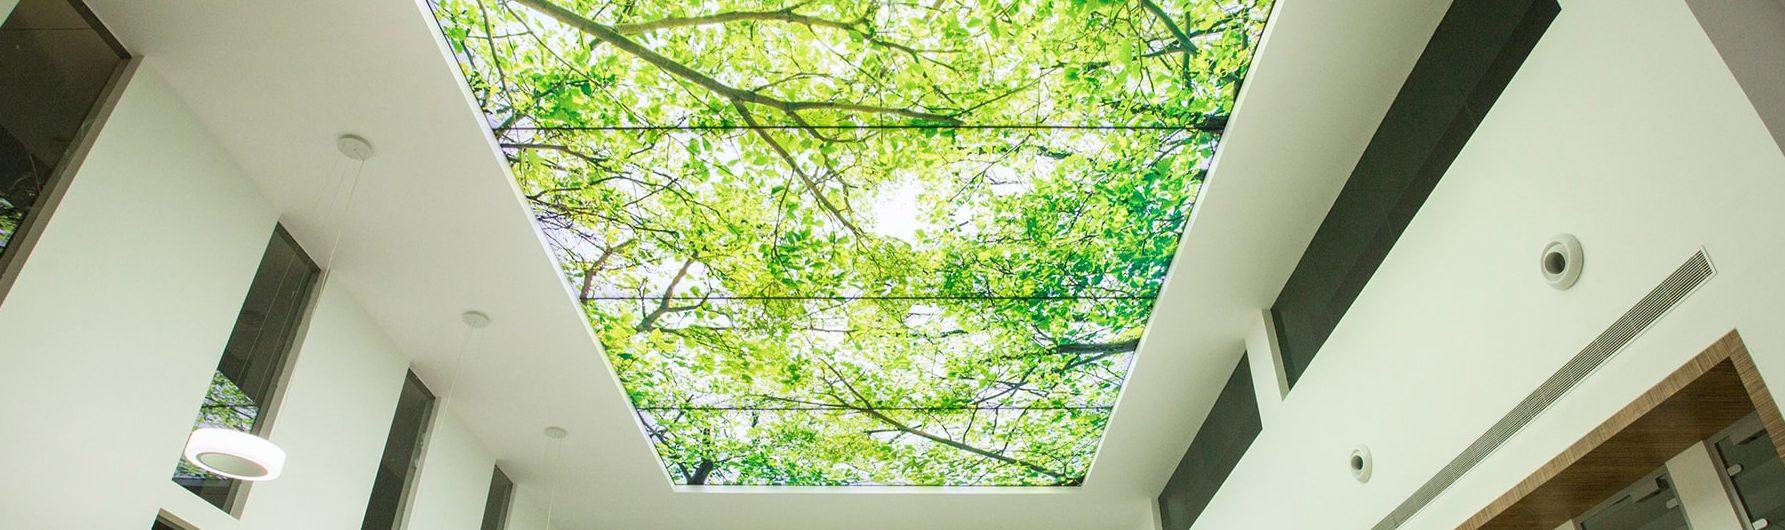 потолок деревья фотопечать потолок